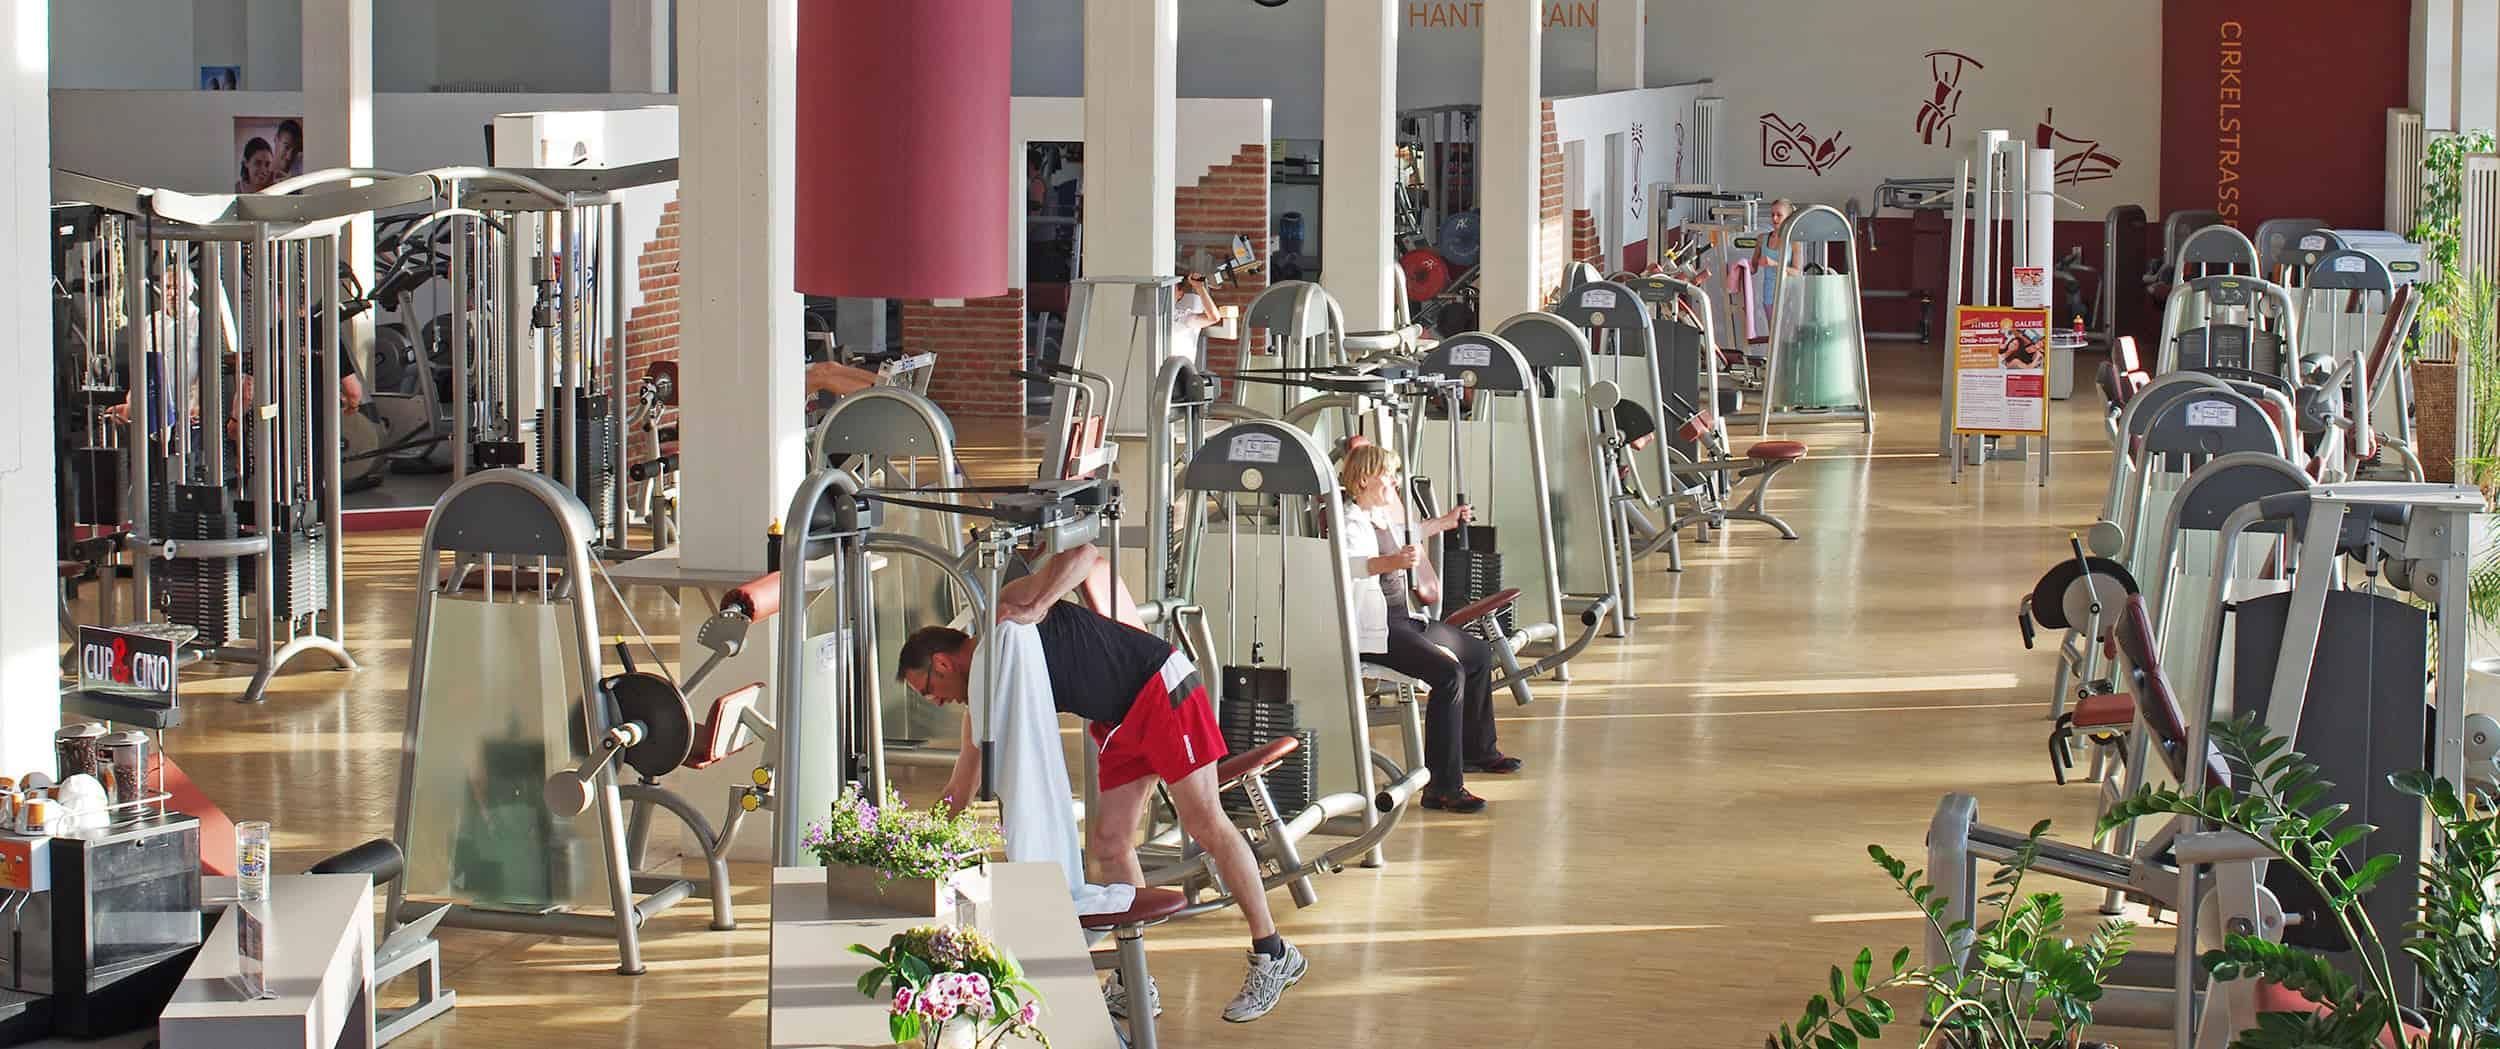 Blick in den Trainingsbereich der Fitness Galerie